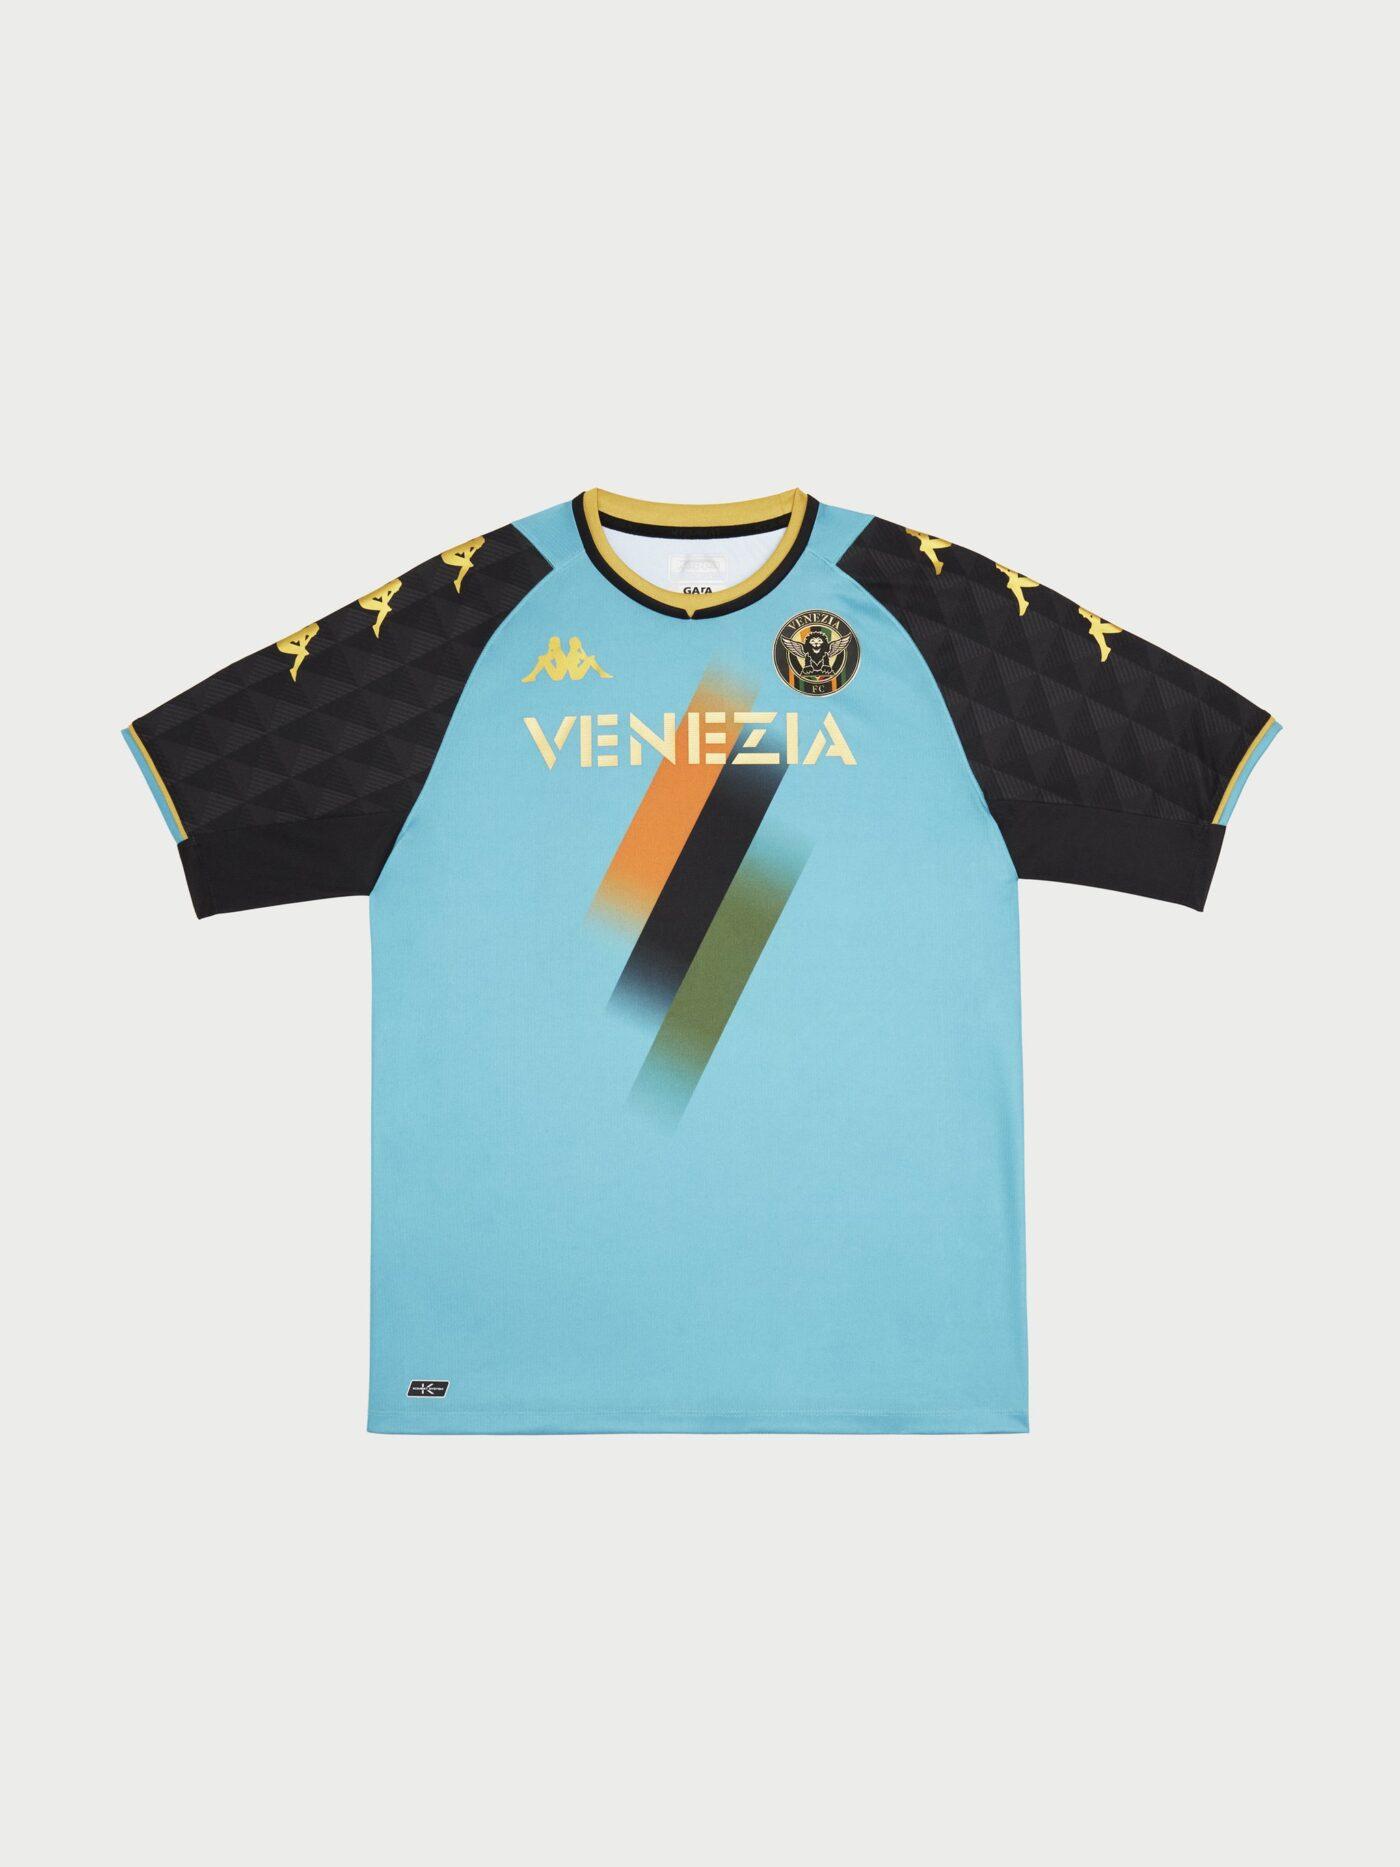 Maillot Venezia FC 2021-2022 Third